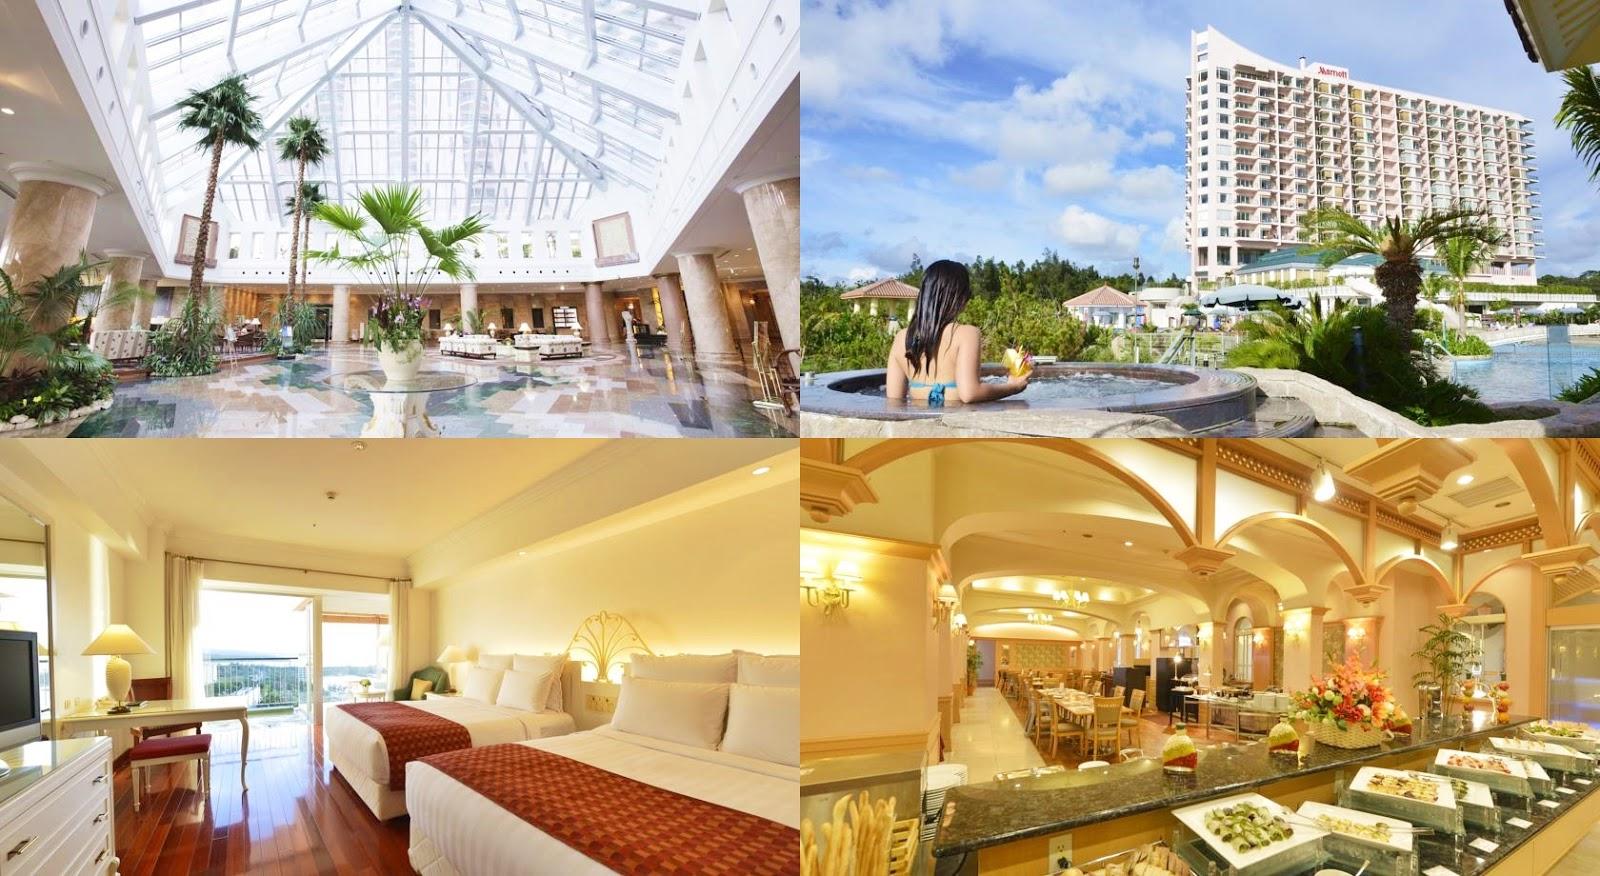 沖繩-住宿-推薦-飯店-旅館-民宿-公寓-沖繩萬豪度假酒店-Okinawa-Marriott-Resort&Spa-Okinawa-hotel-recommendation